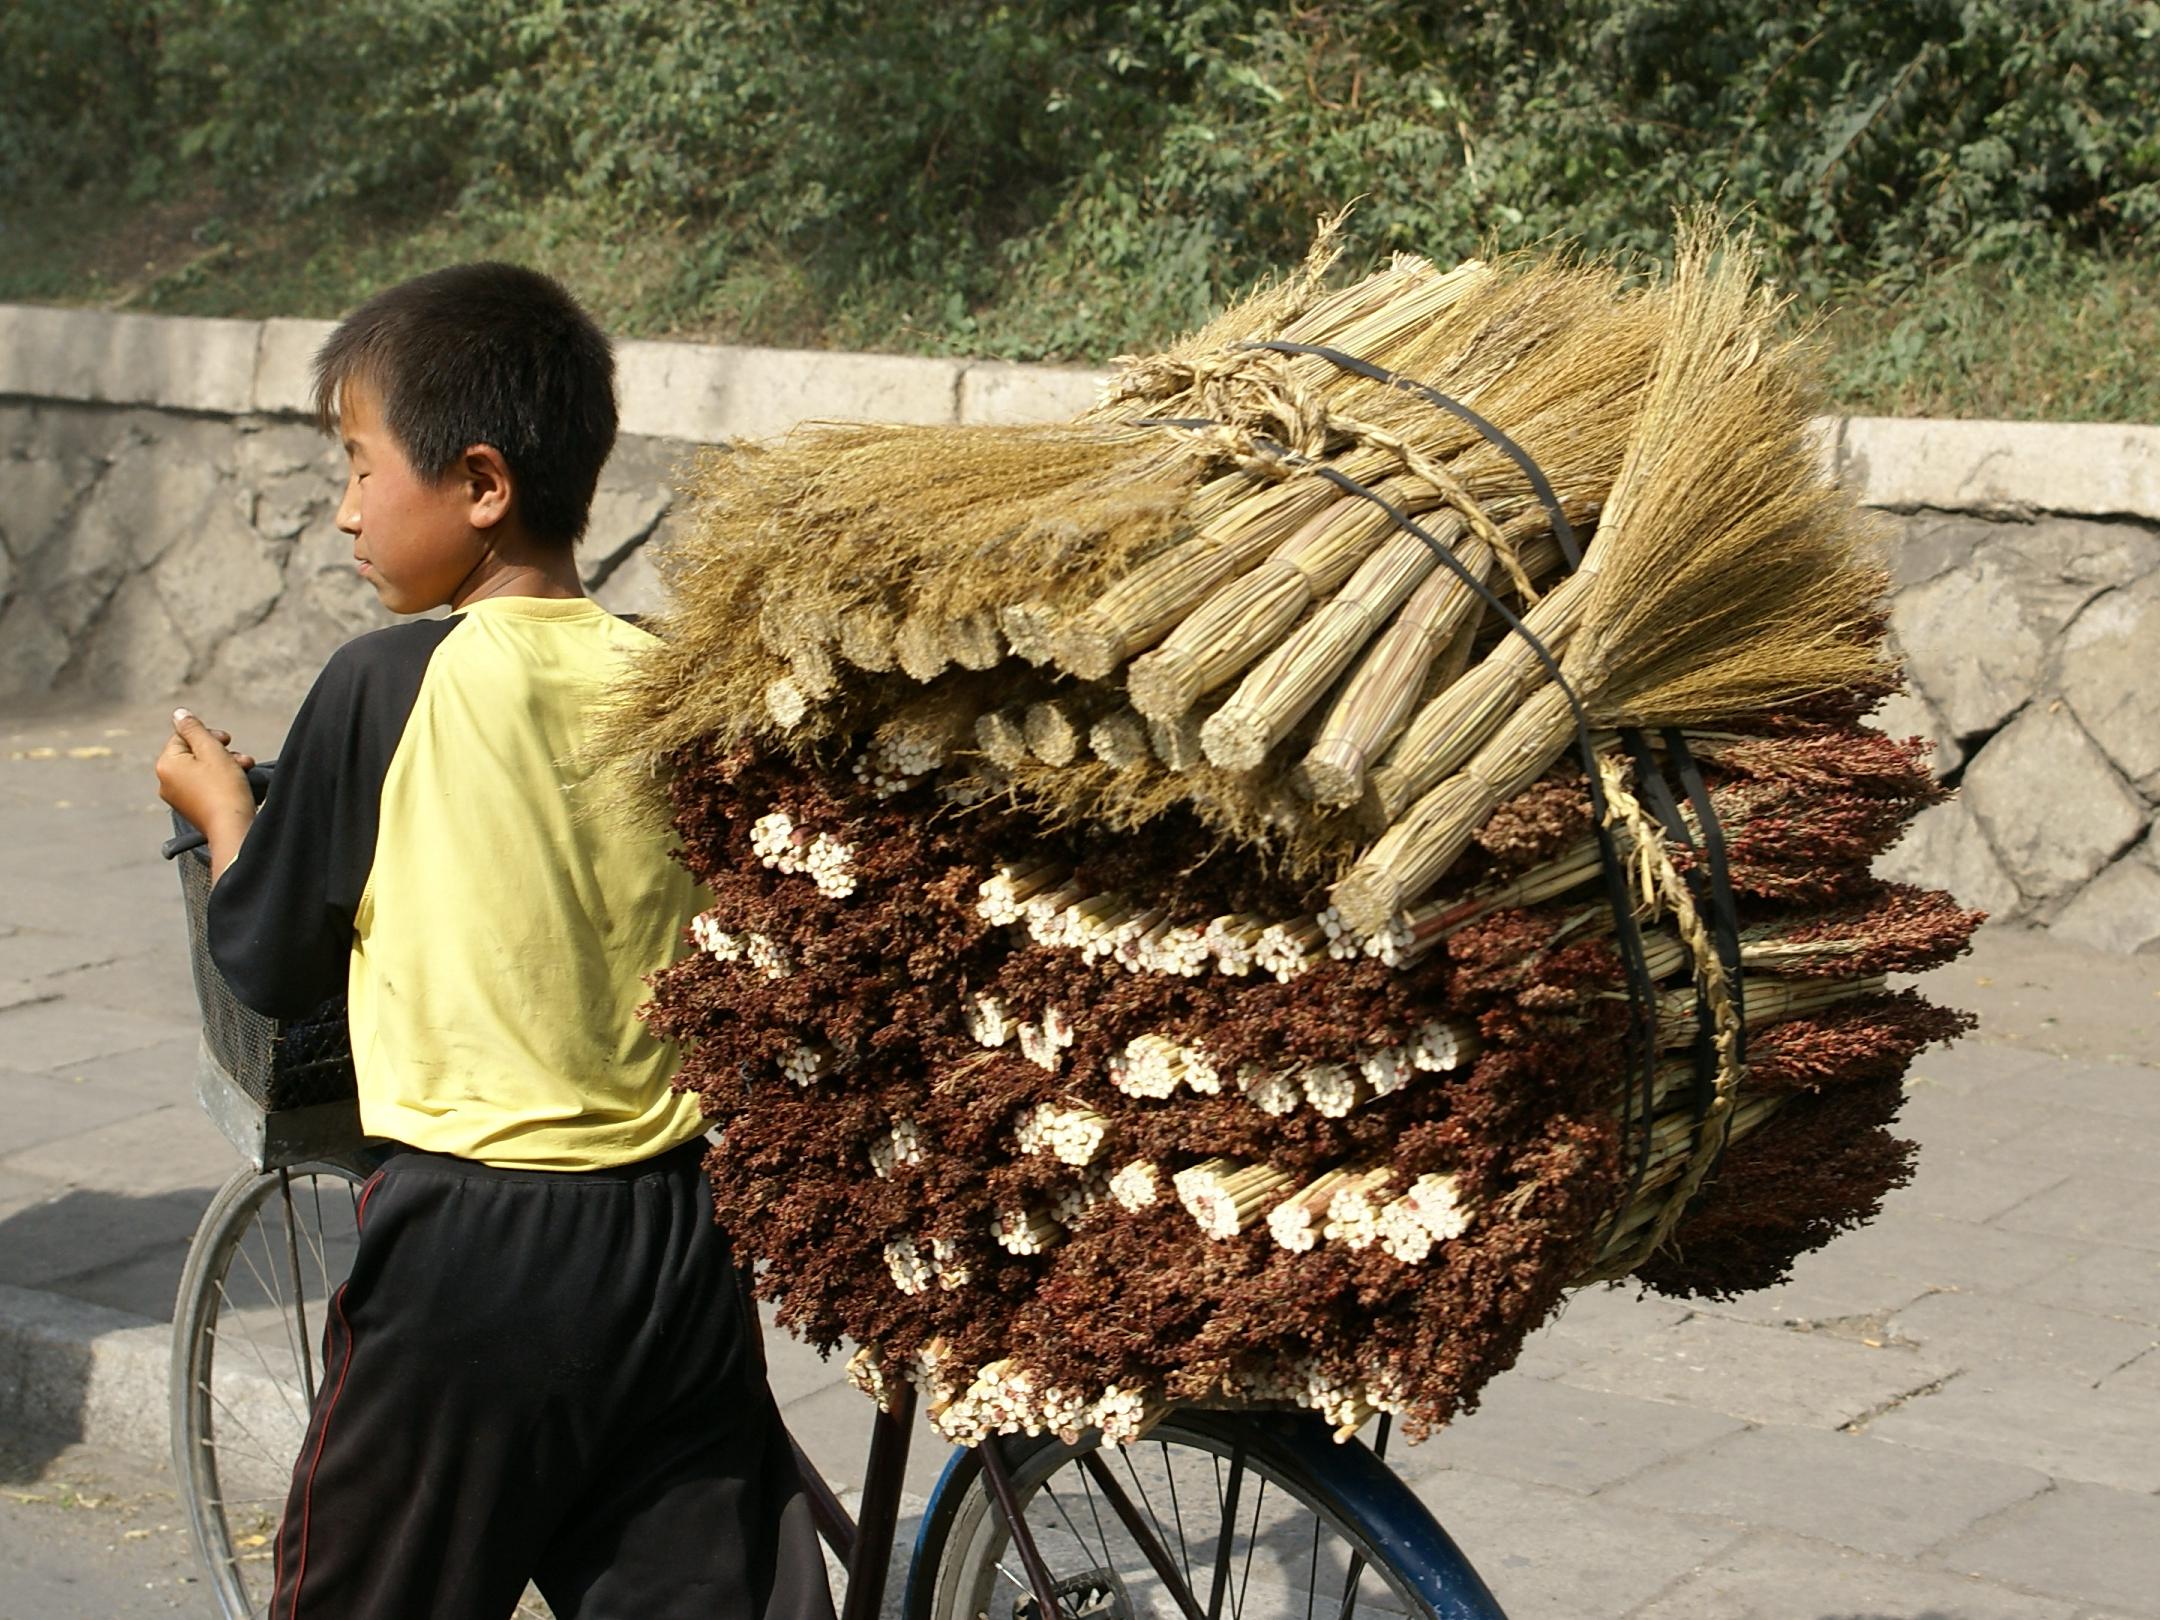 Delivering brooms